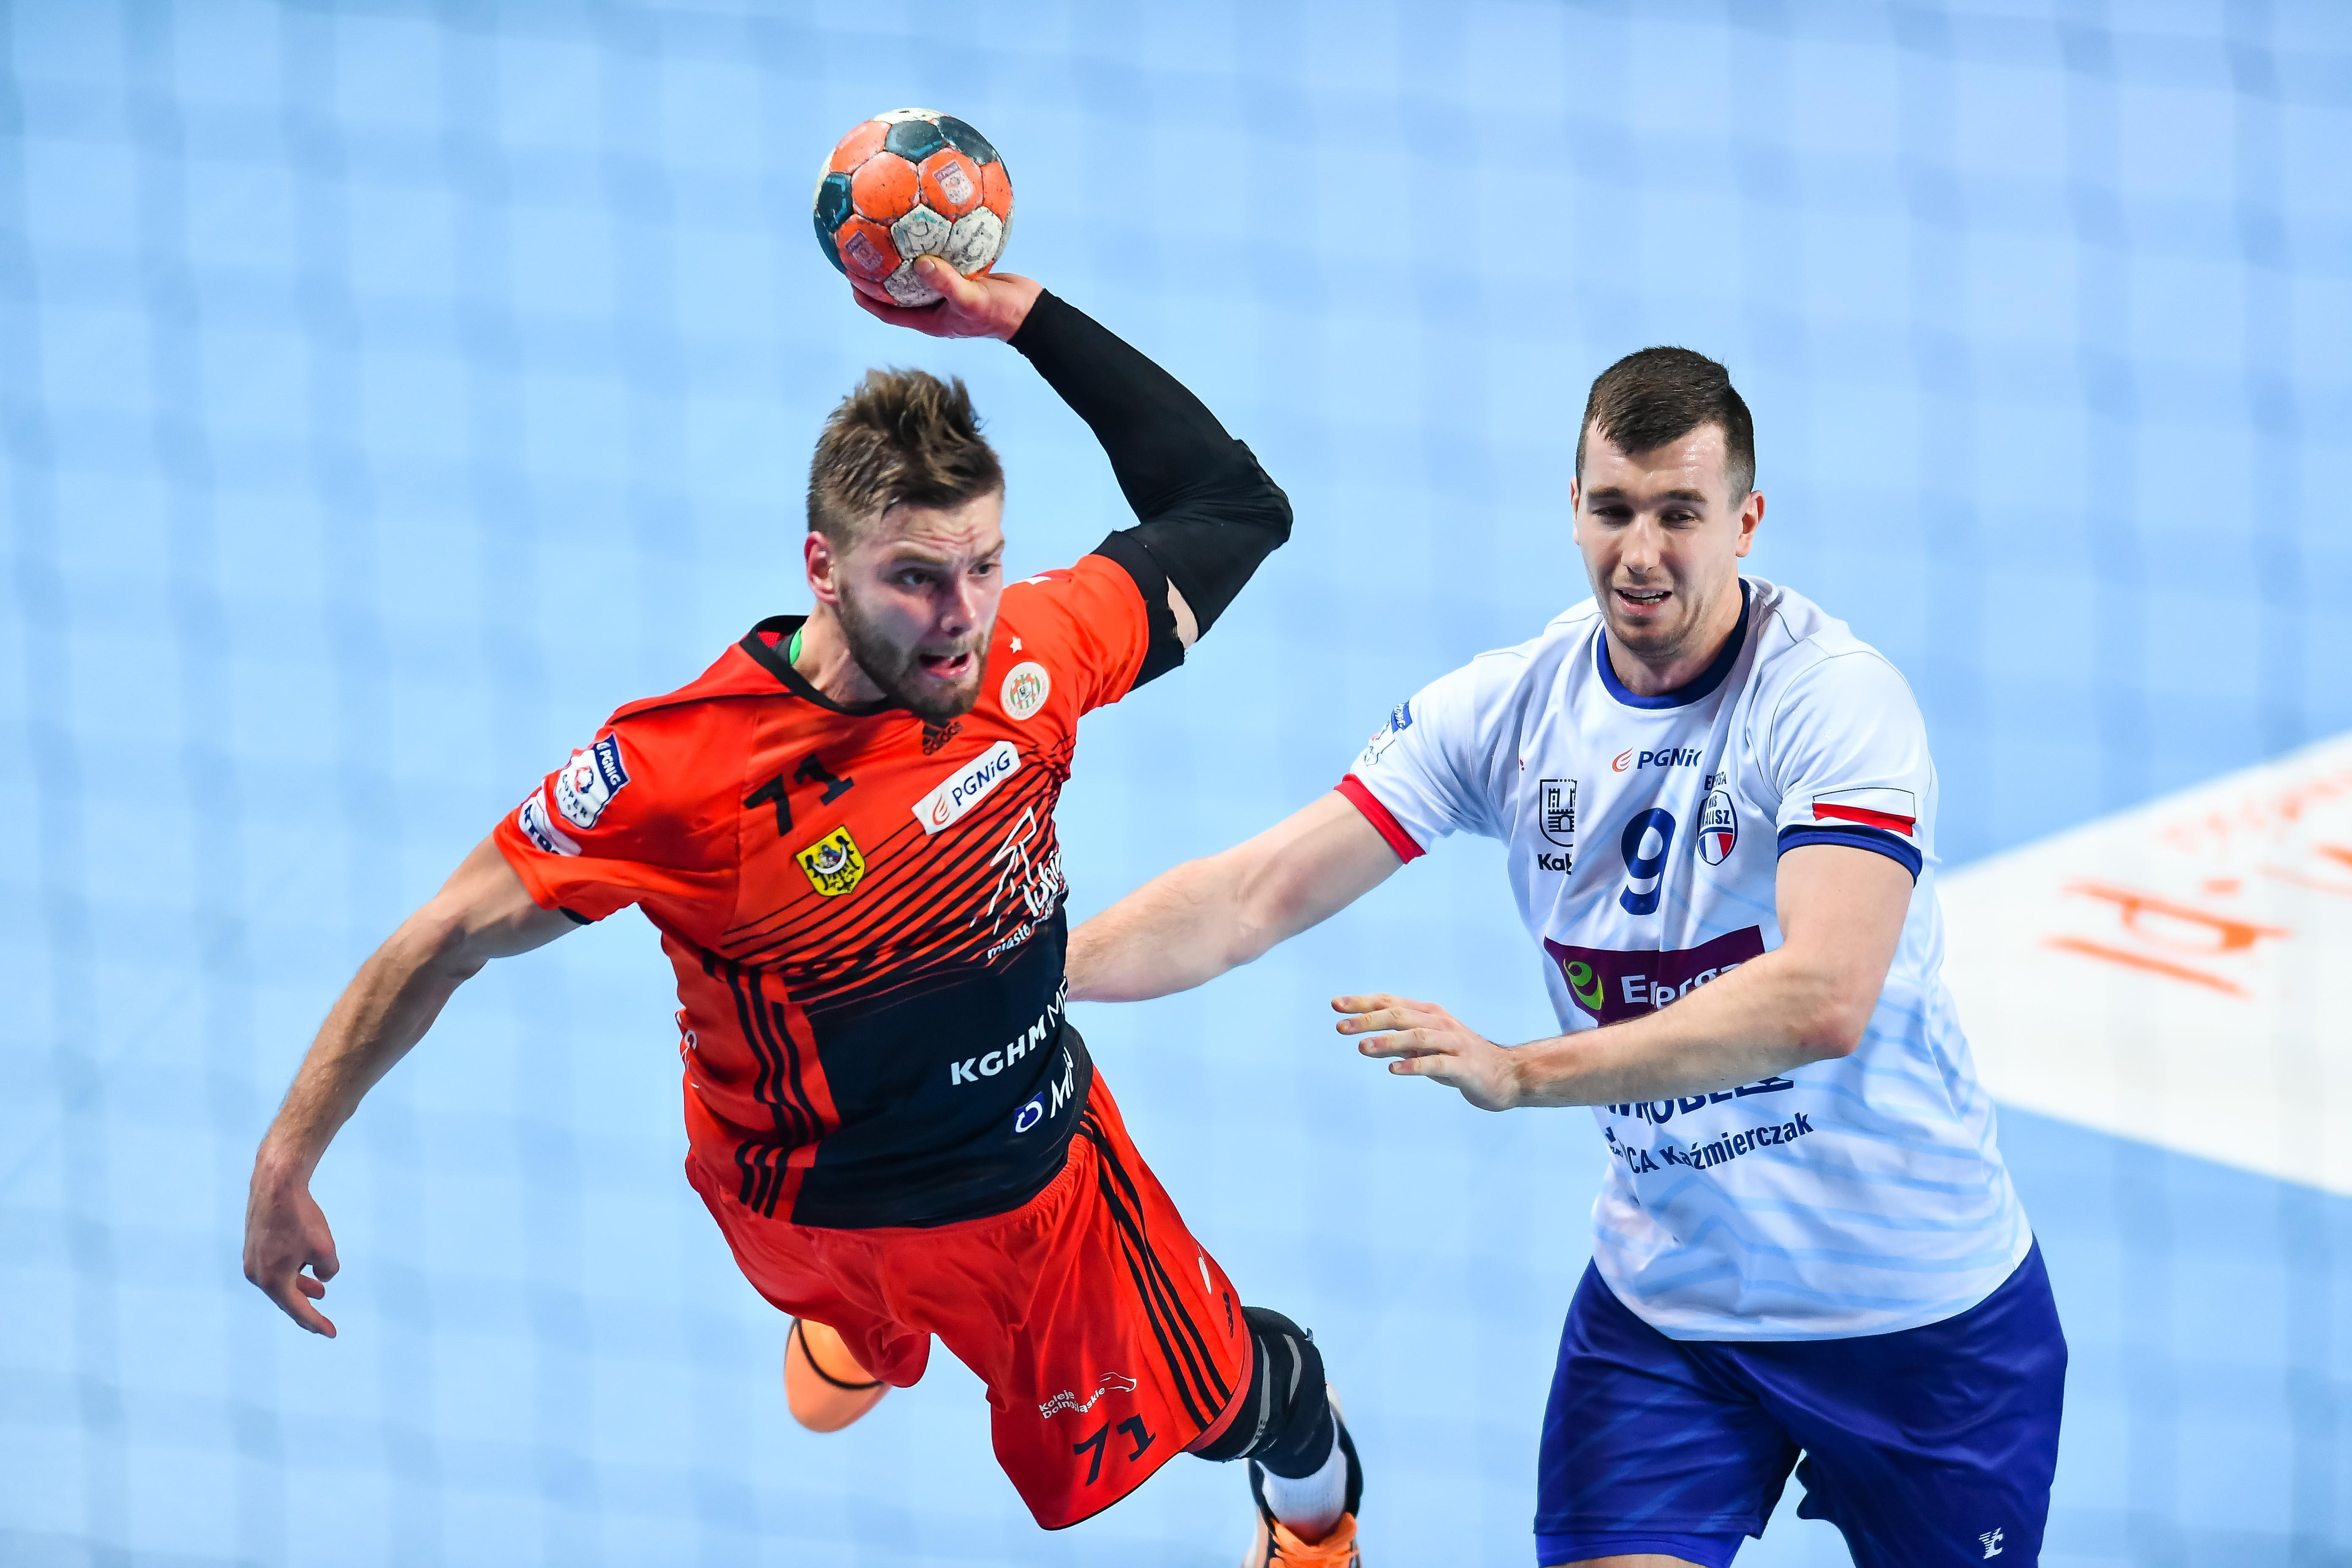 Miedziowi zagrają zaległy mecz w Szczecinie